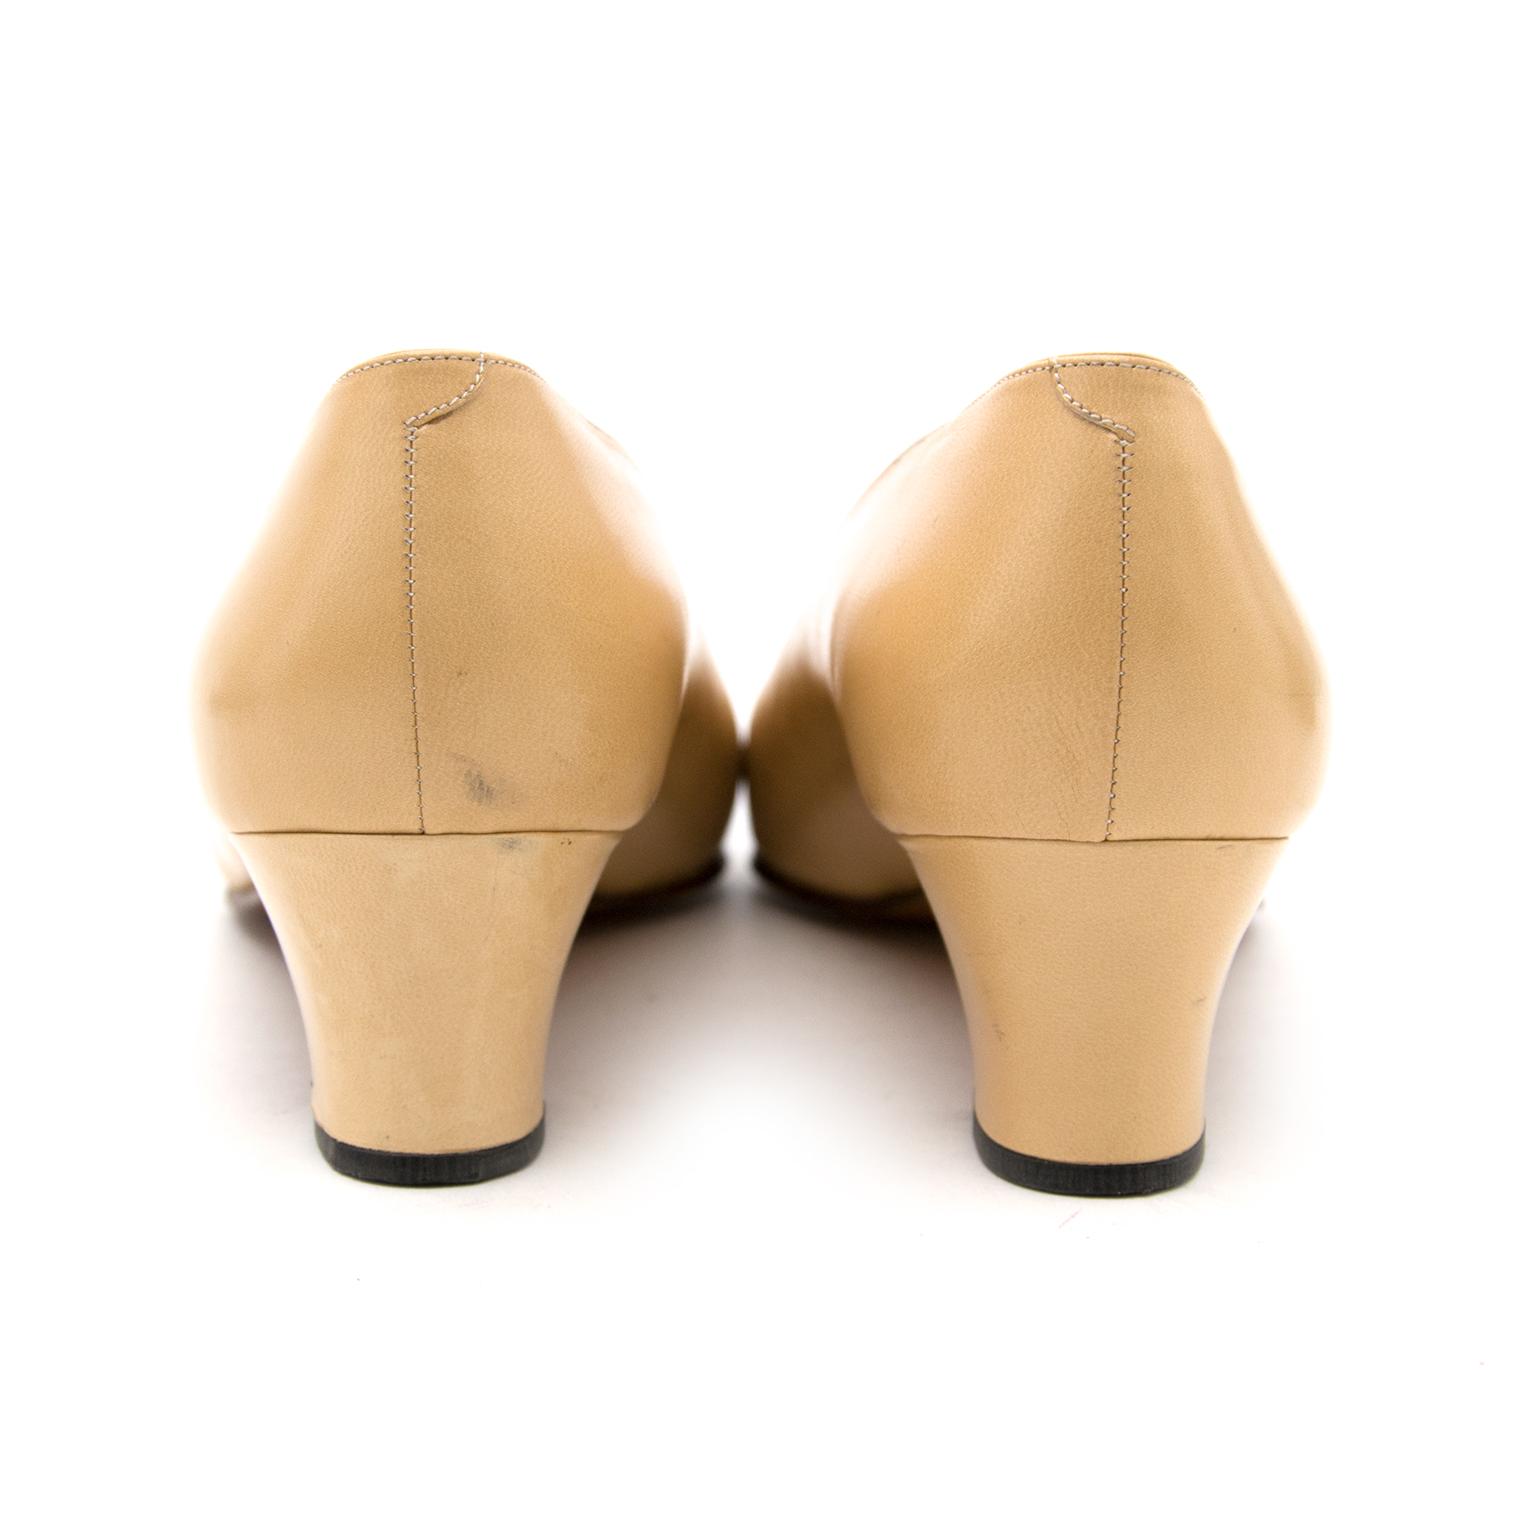 Acheter secur en ligne votre chaussures Chanel en cuir pour le meilleur prix